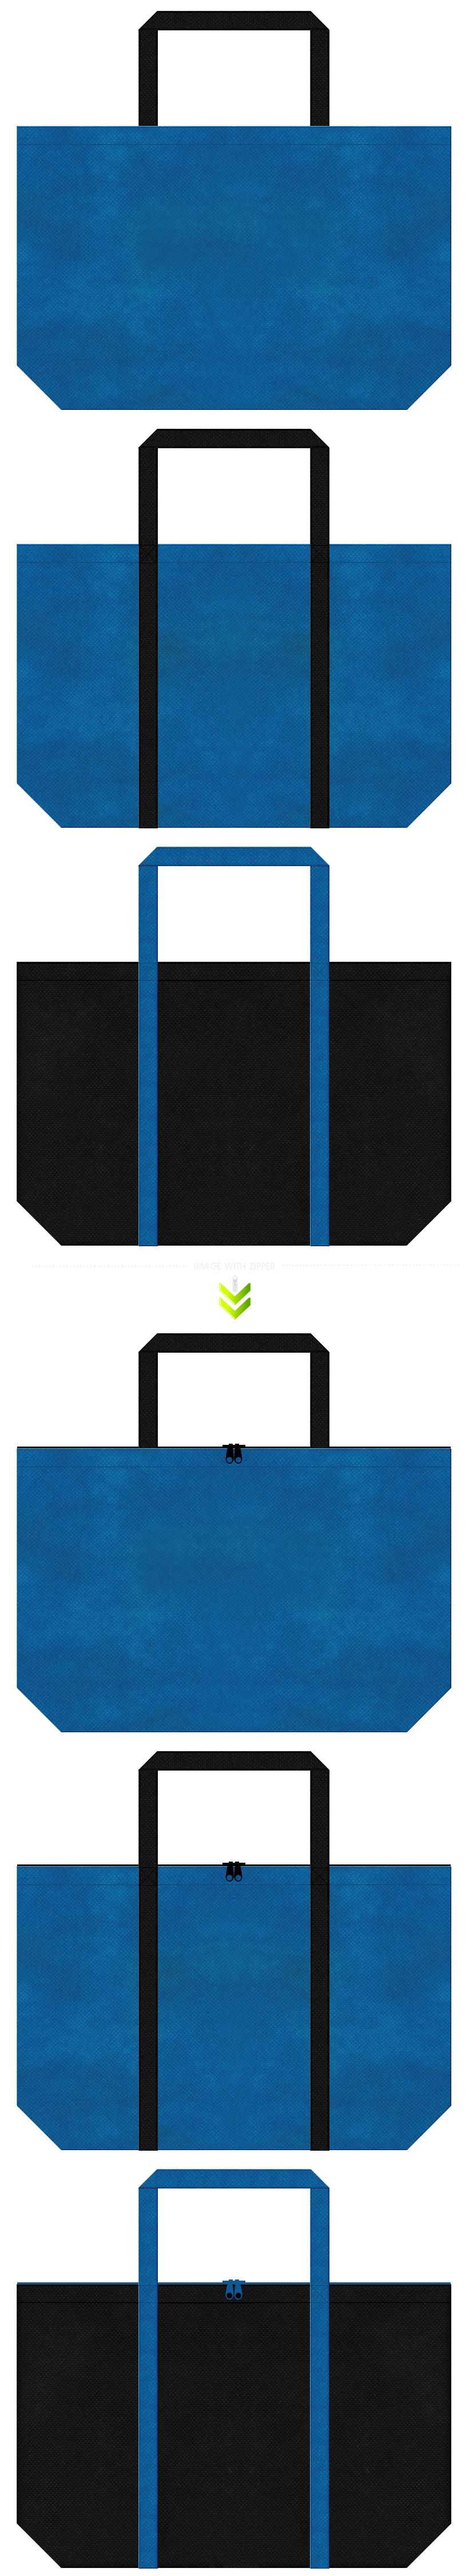 青色と黒色の不織布エコバッグのデザイン。ゴースト・伝説等のゲームにお奨めの配色です。